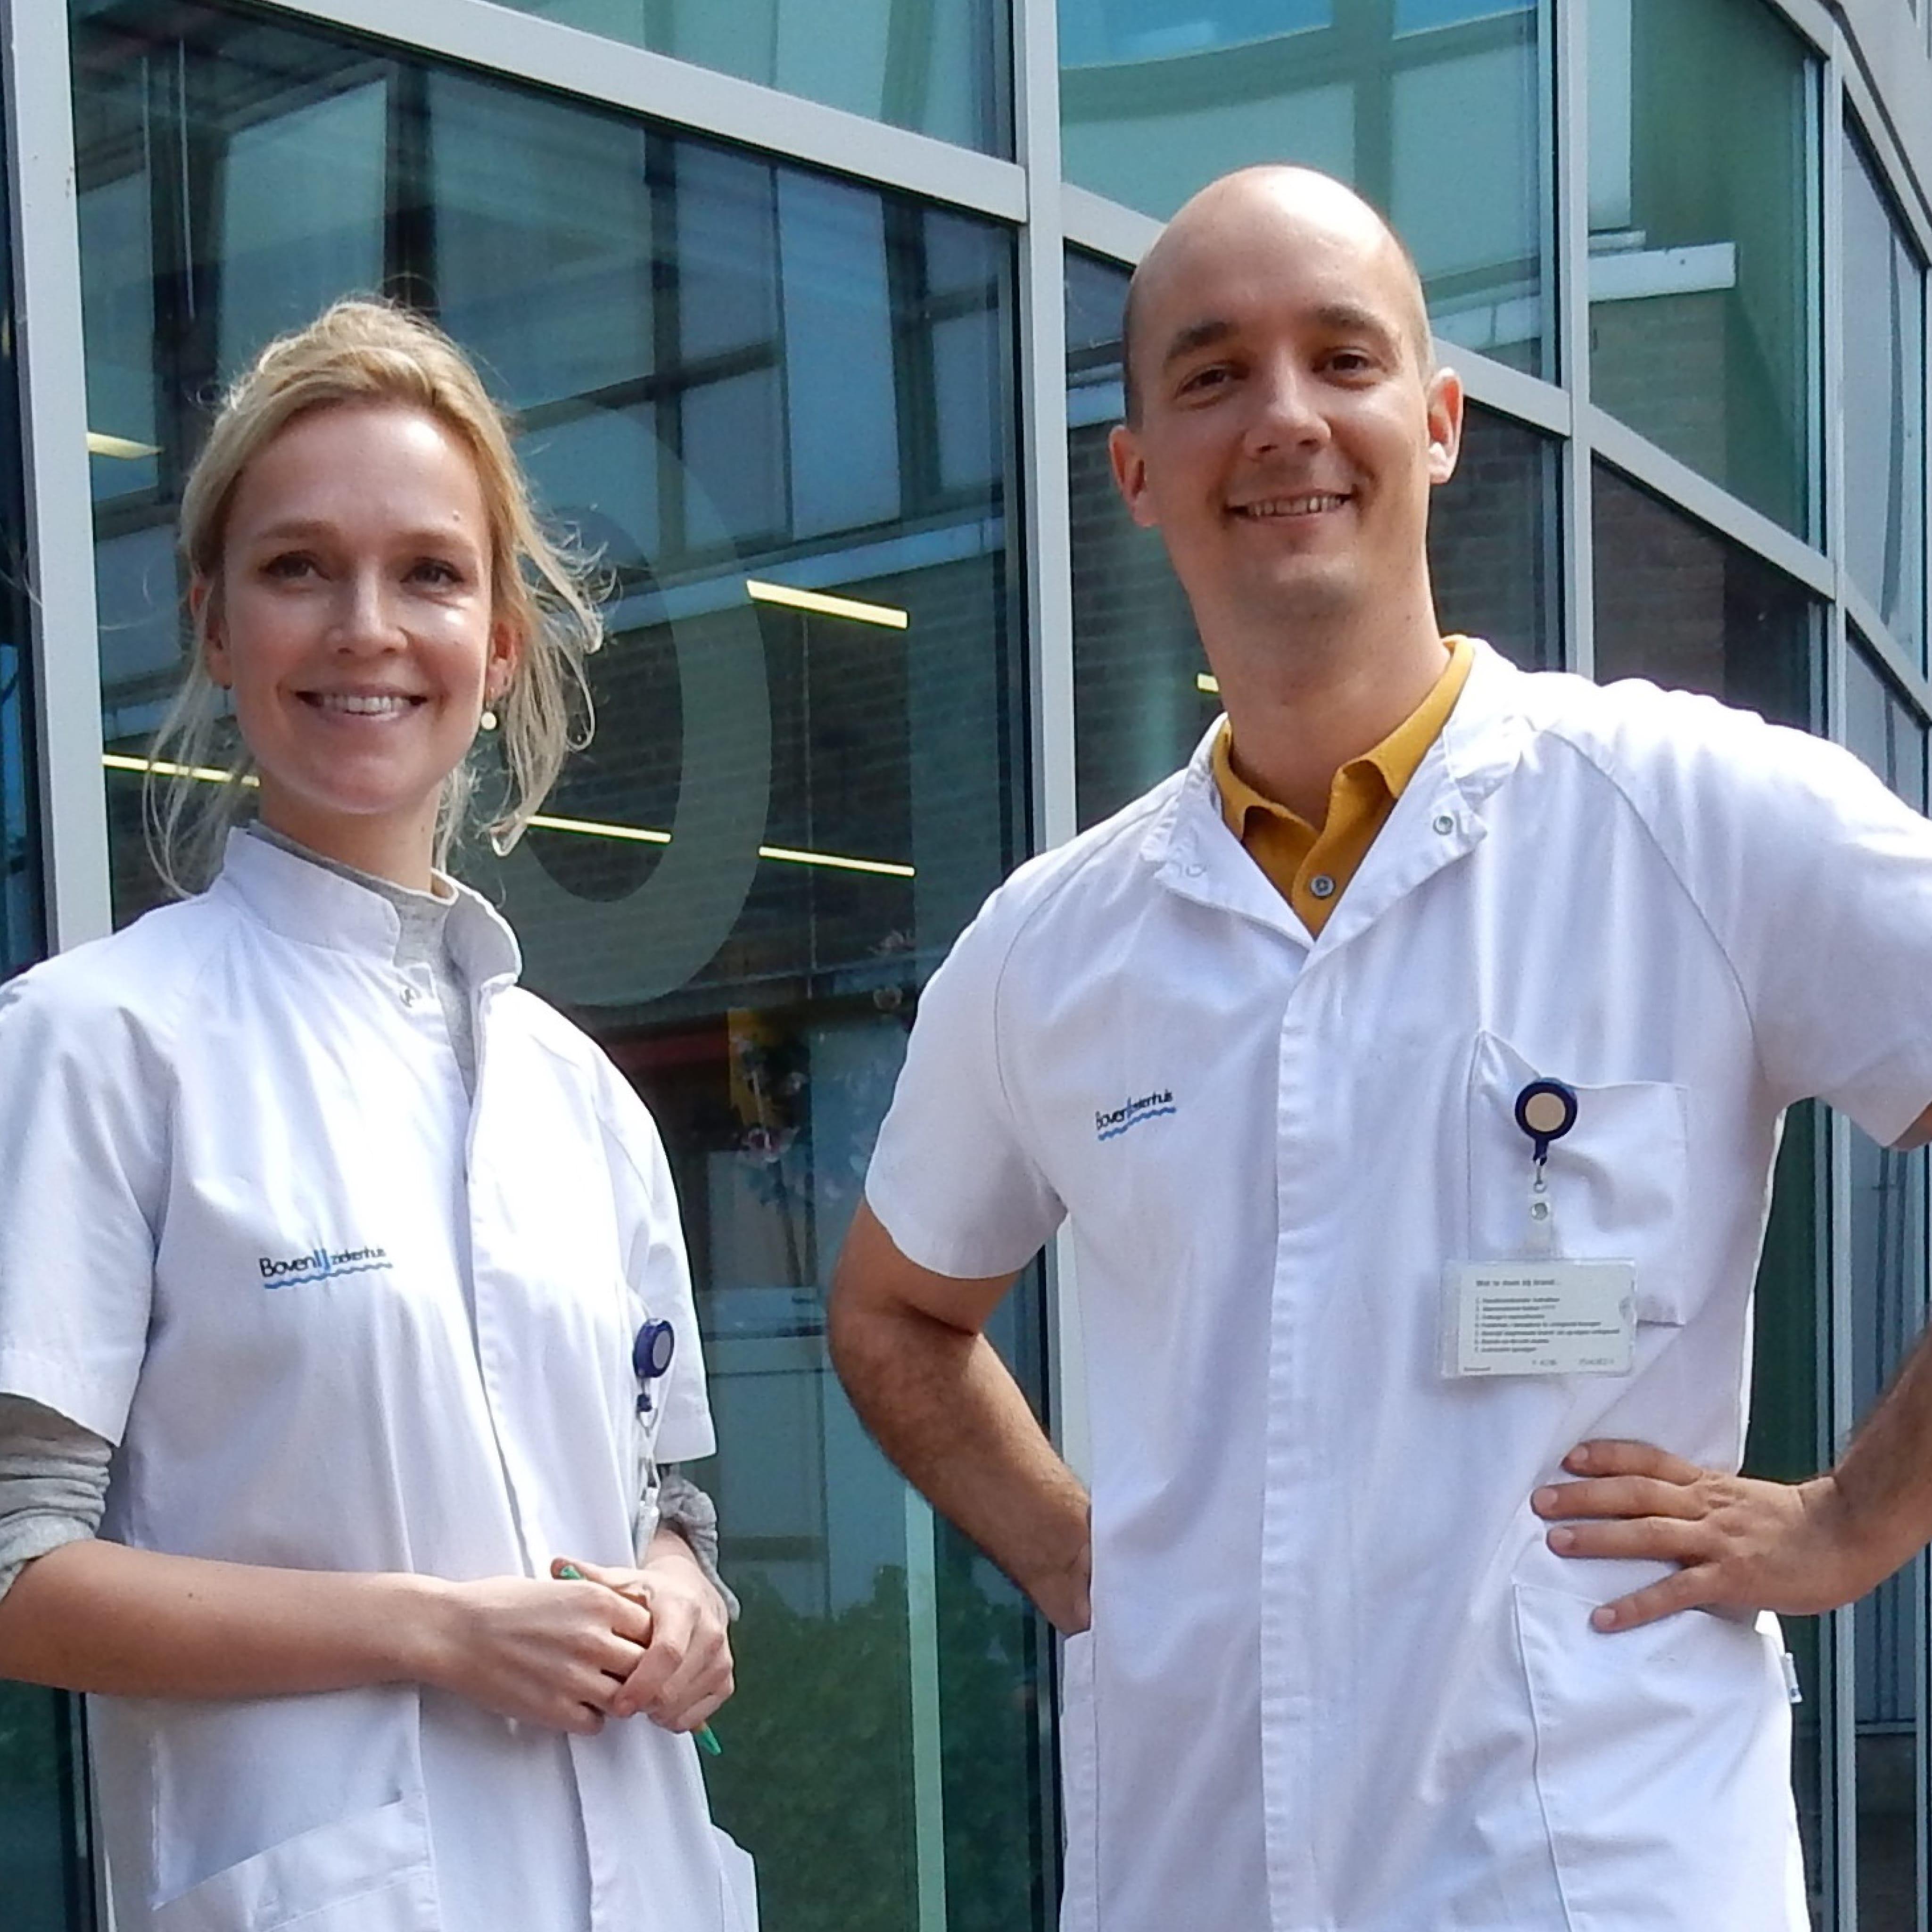 Twee BovenIJ Ziekenhuis medewerkers, een man en een vrouw